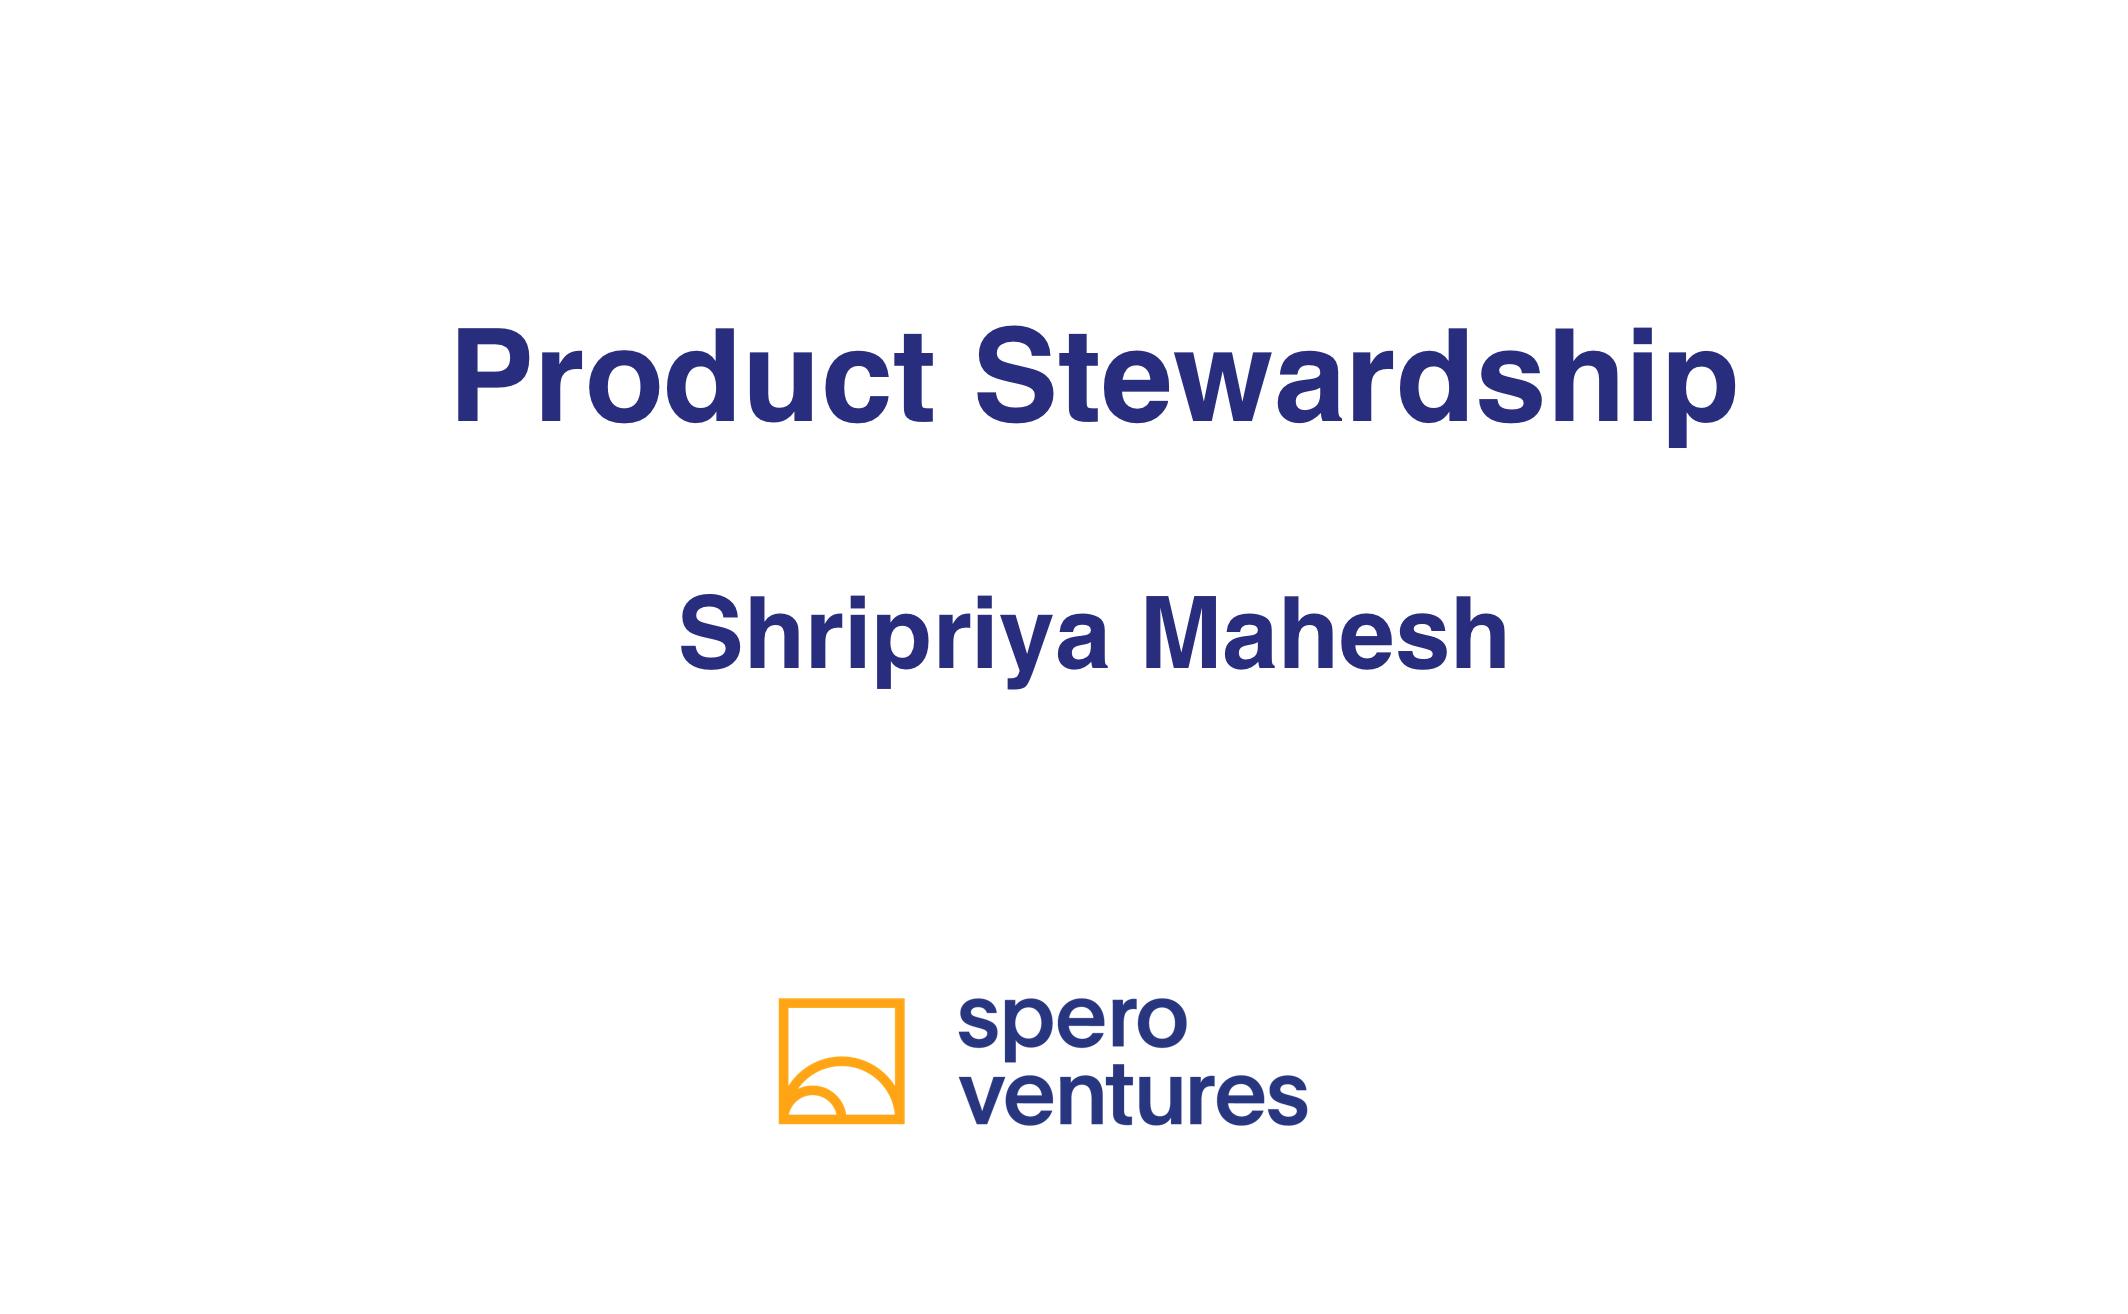 Shripriya Mahesh: Product Leadership = Product Stewardship